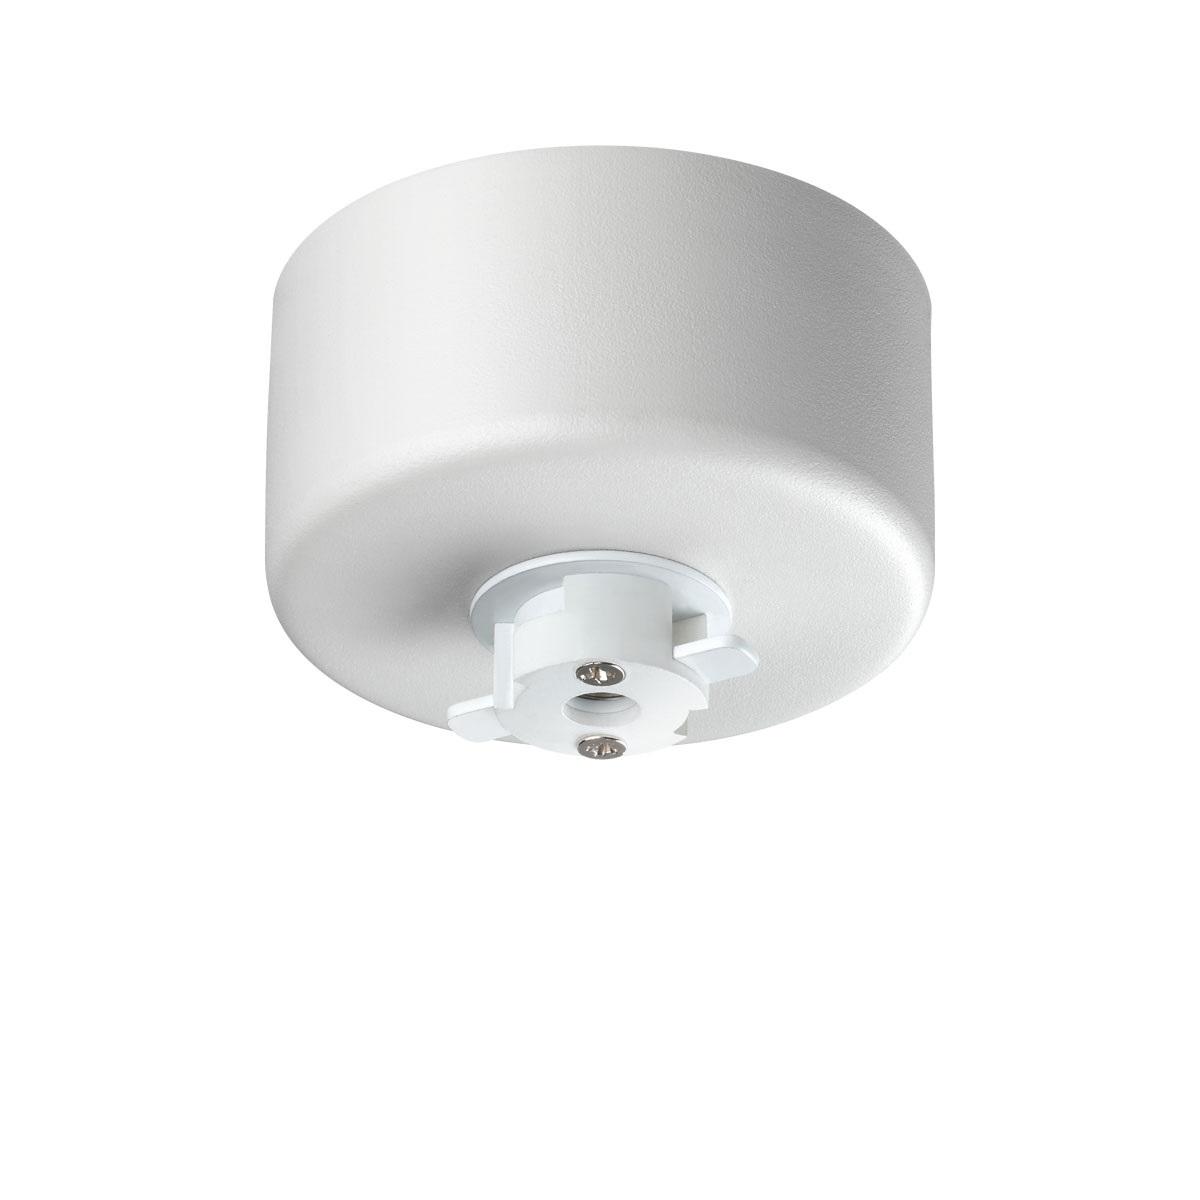 Основание для светильника Novotech 358368 Konst